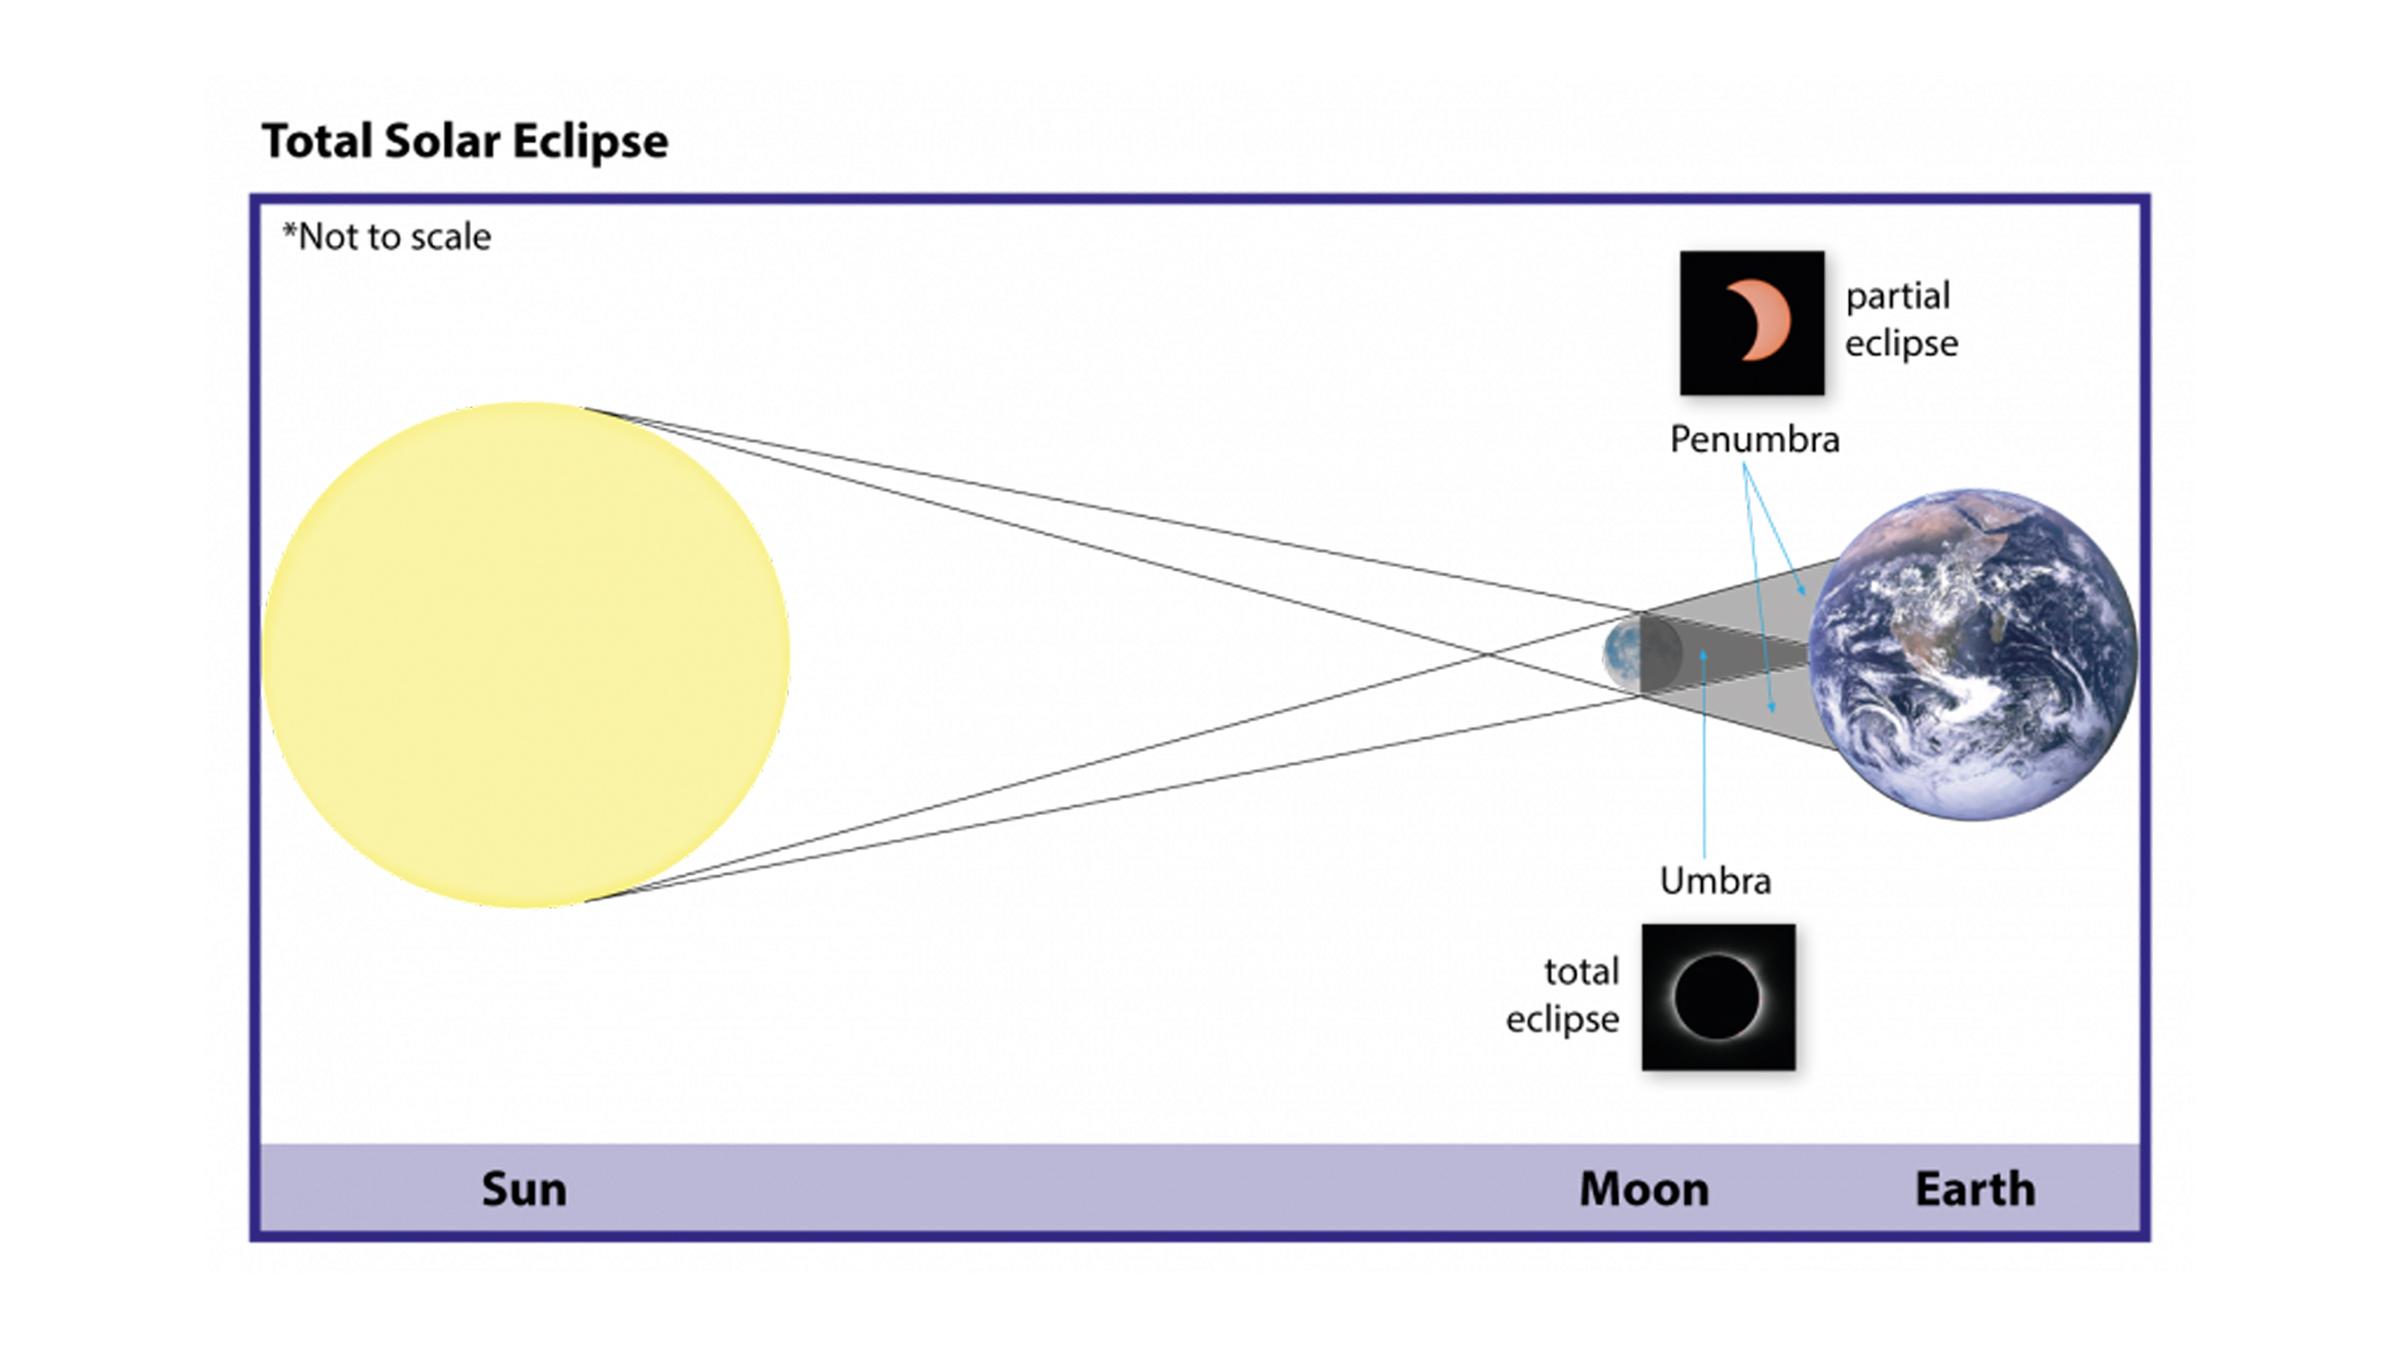 Ce diagramme montre comment se produisent les éclipses annulaires et partielles.